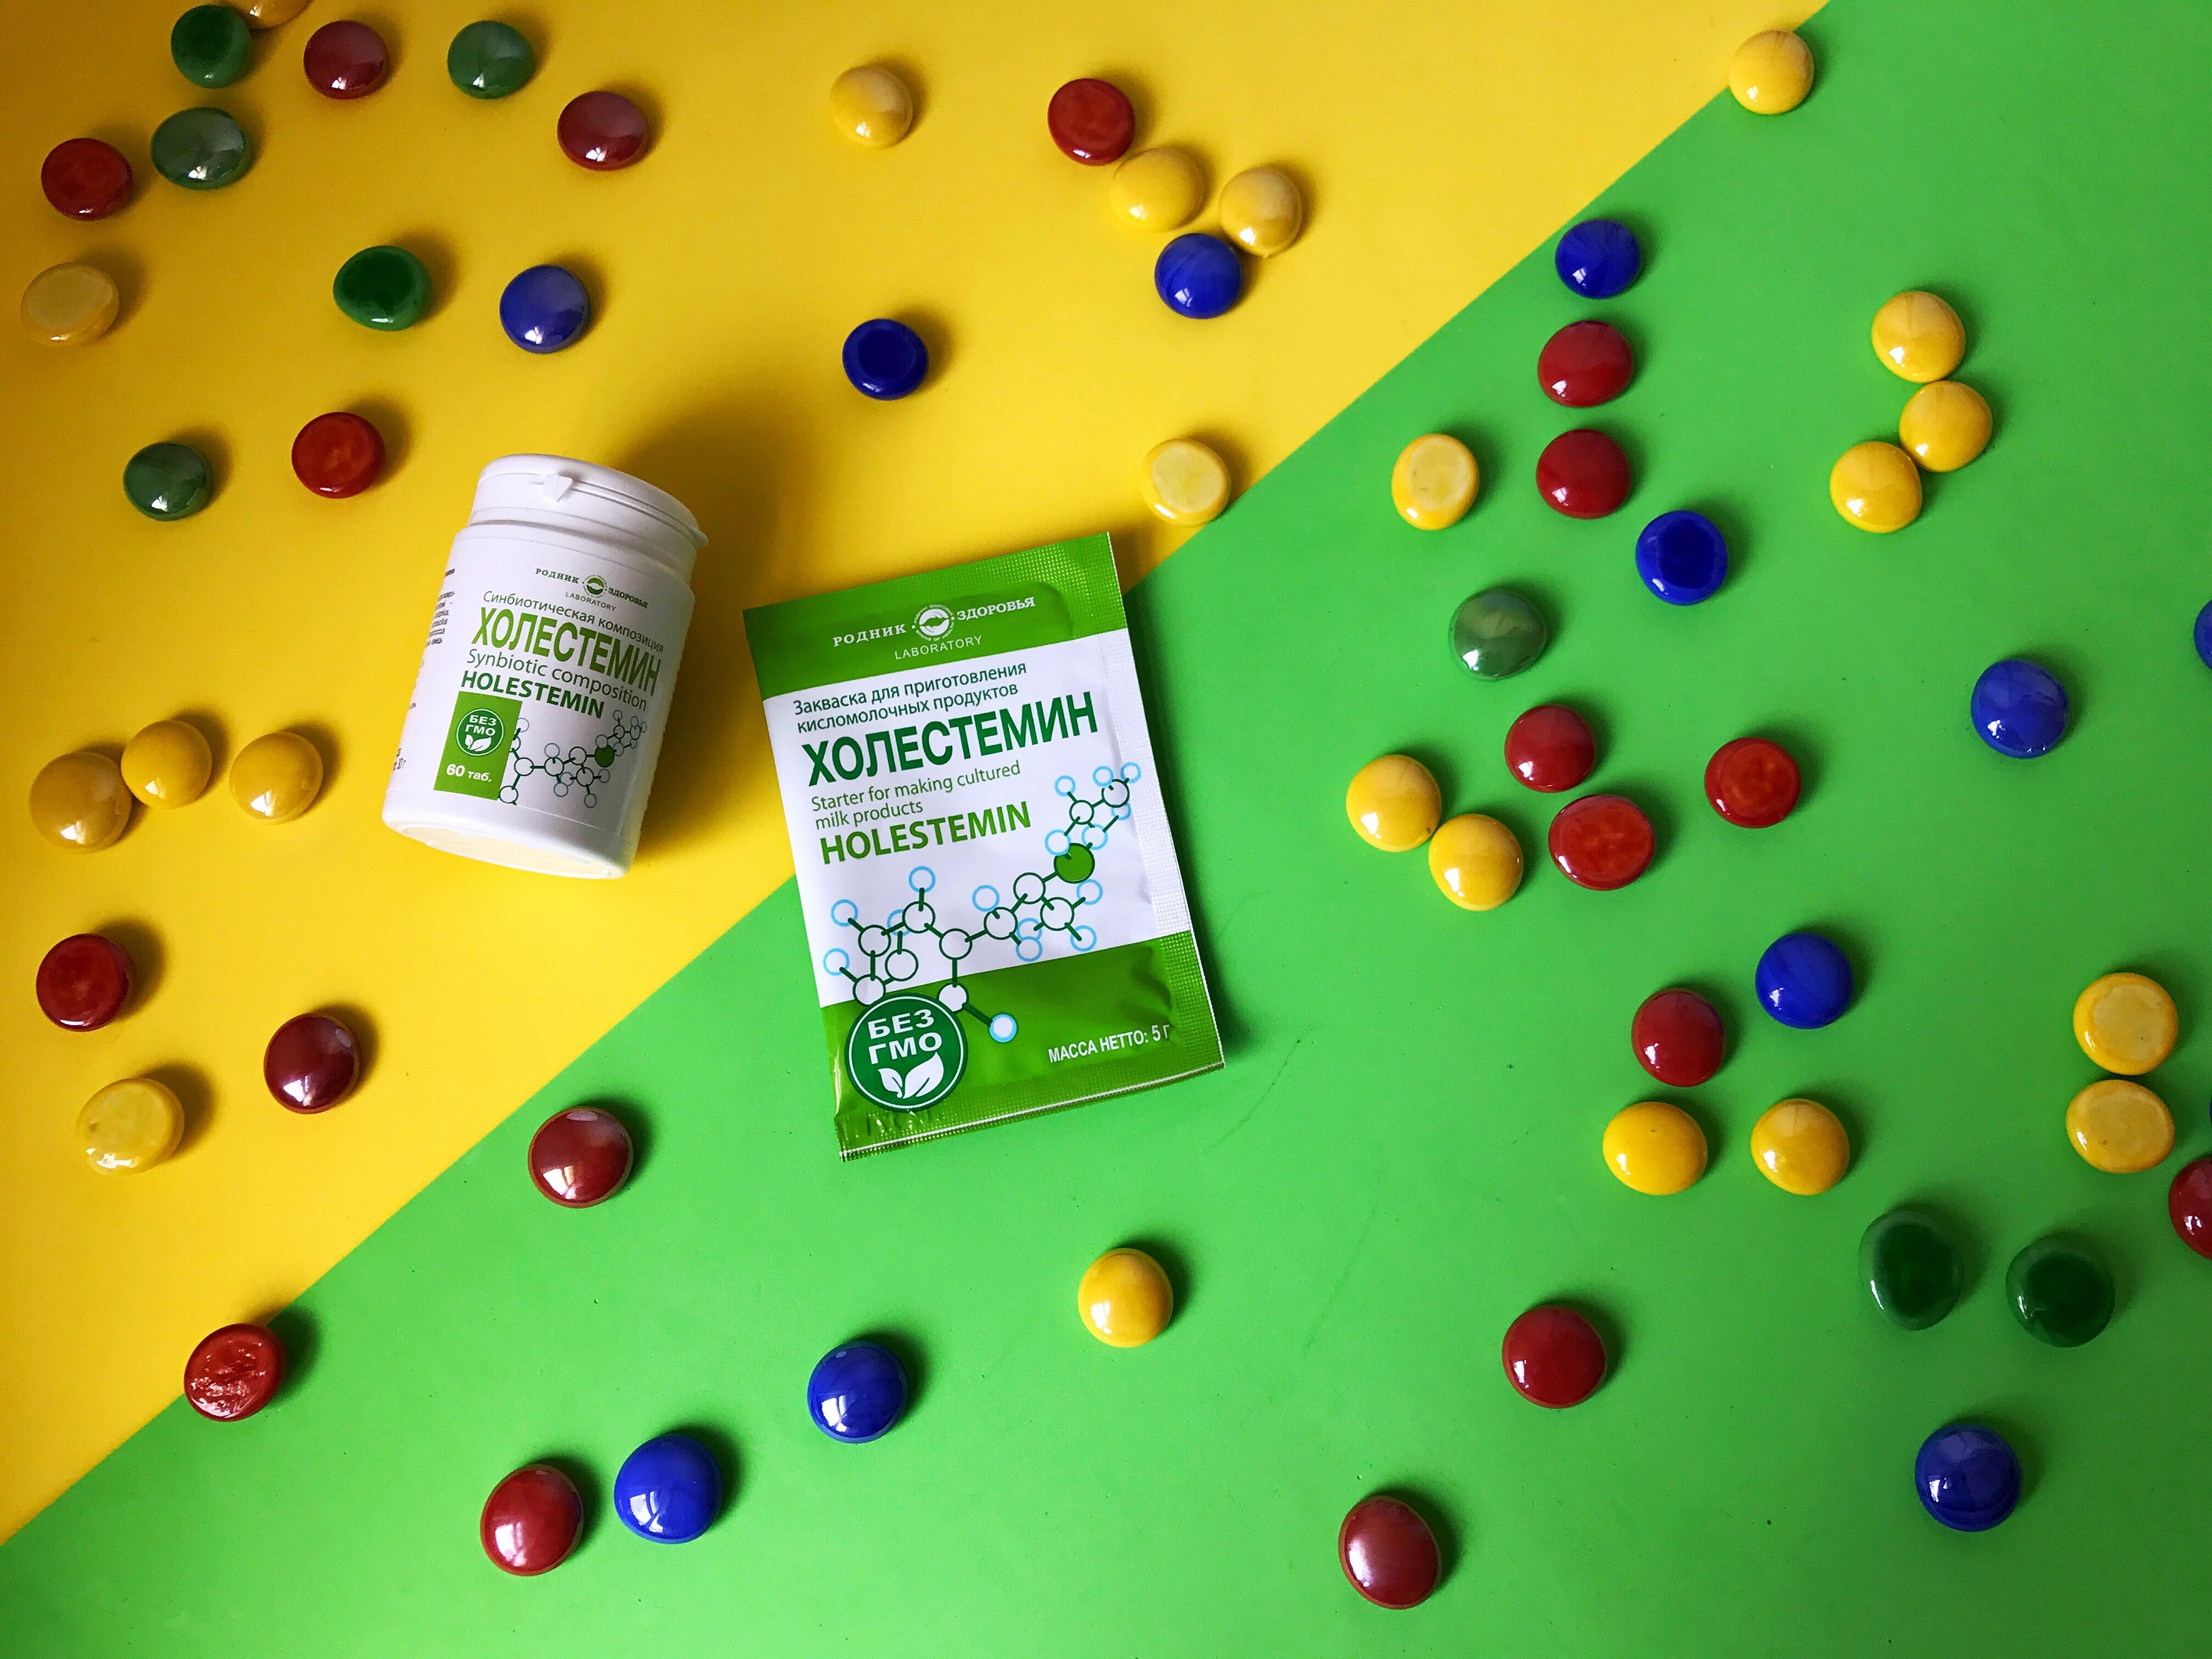 """Программа """"Холестемин"""" (натуральная помощь для контроля над холестерином)"""